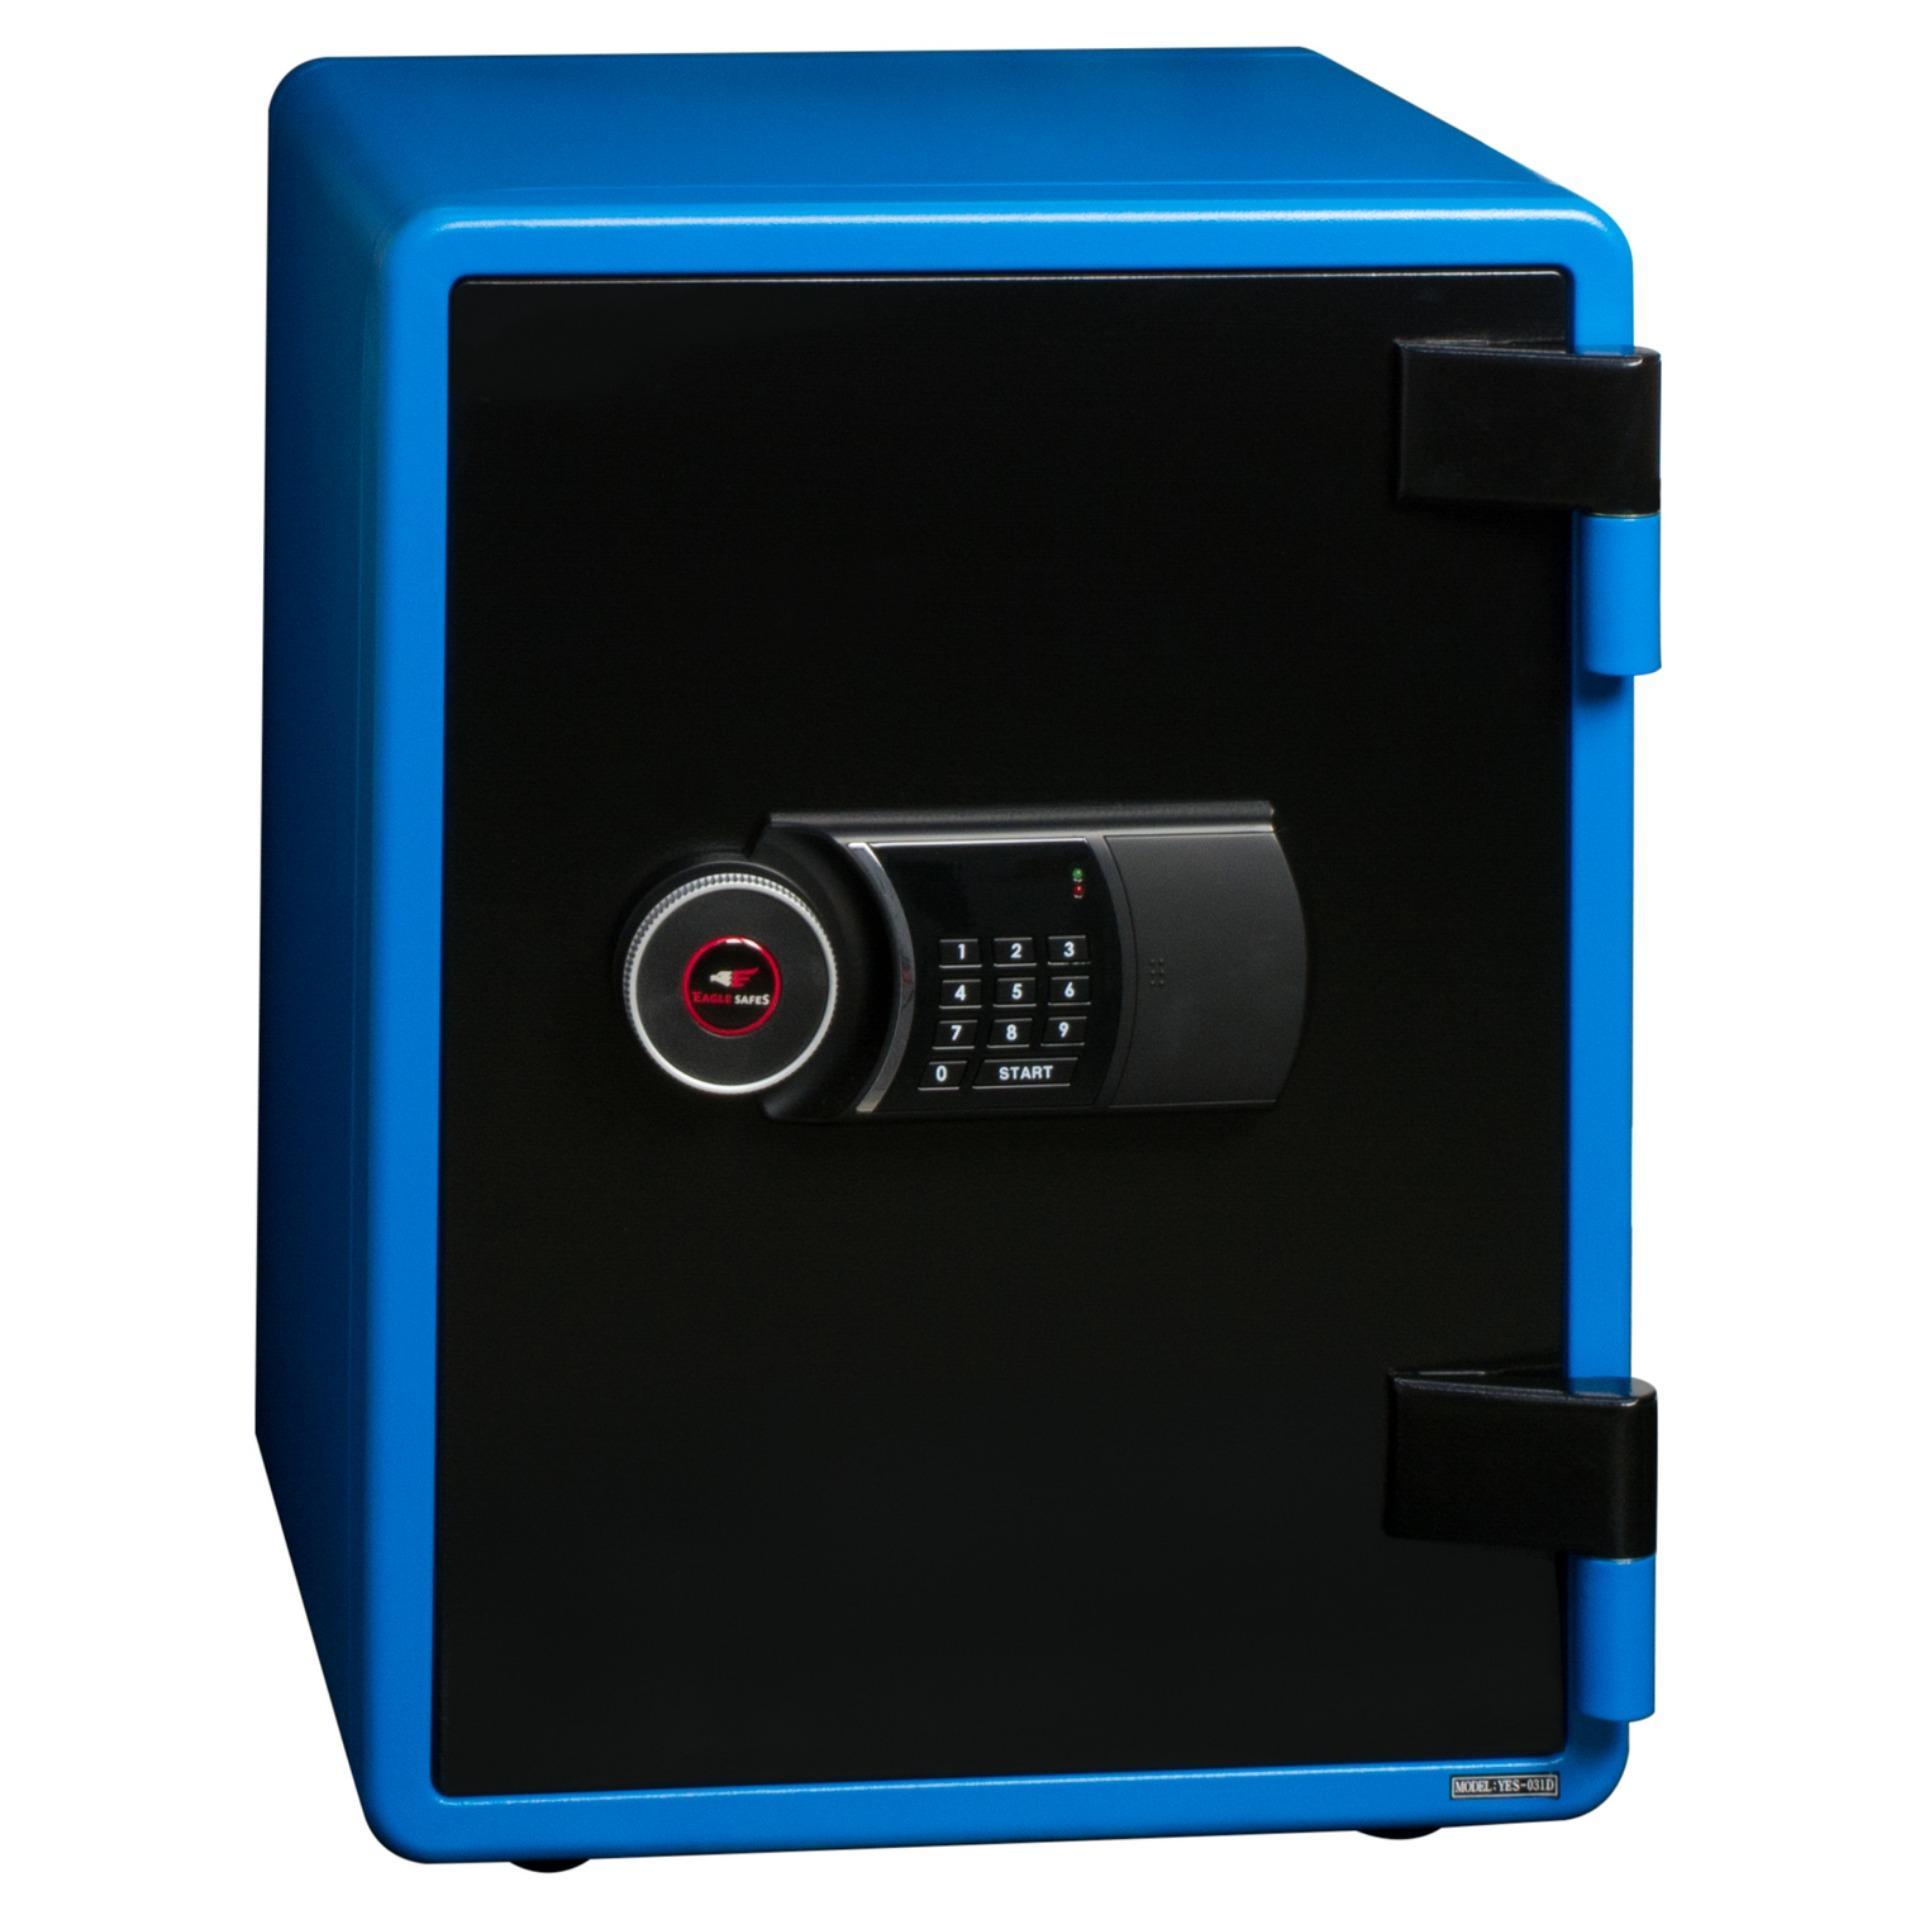 Eagle Safe Electronic Safes YES-031-D/Blue